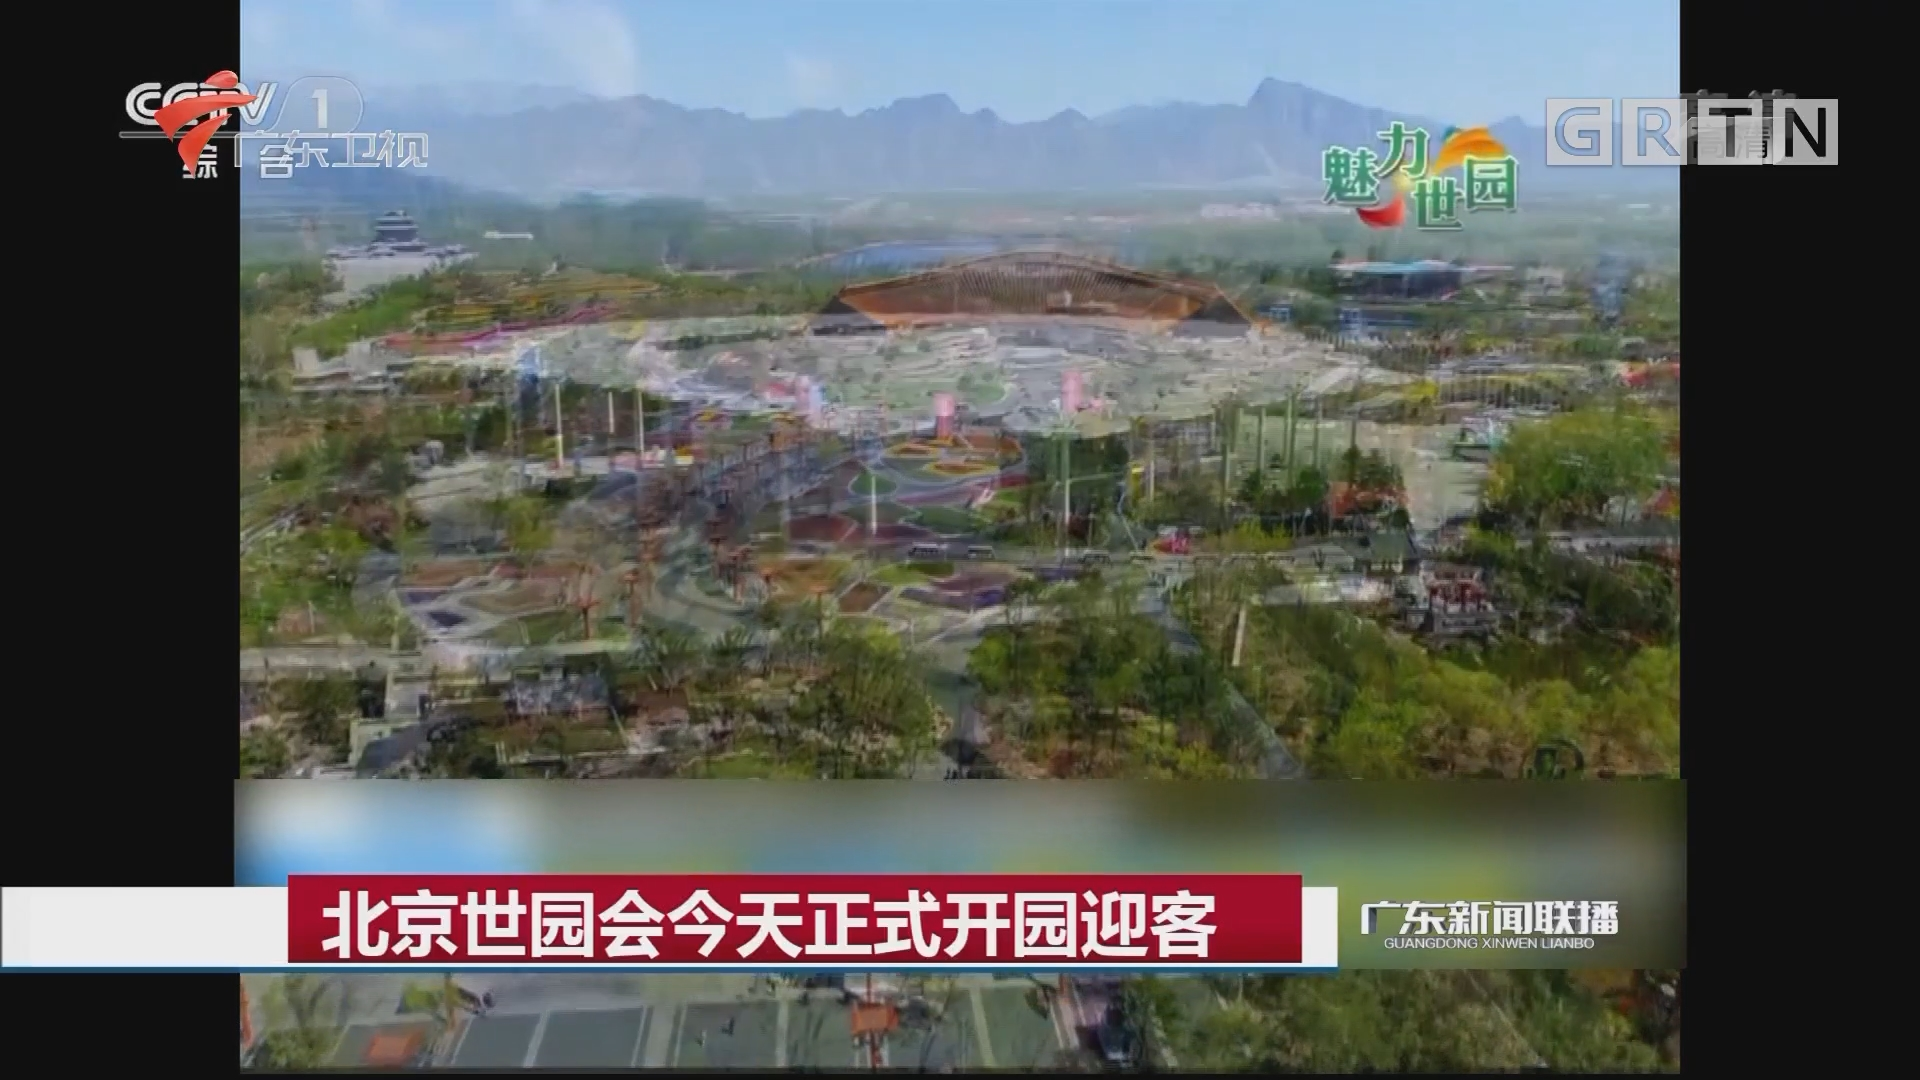 北京世园会今天正式开园迎客